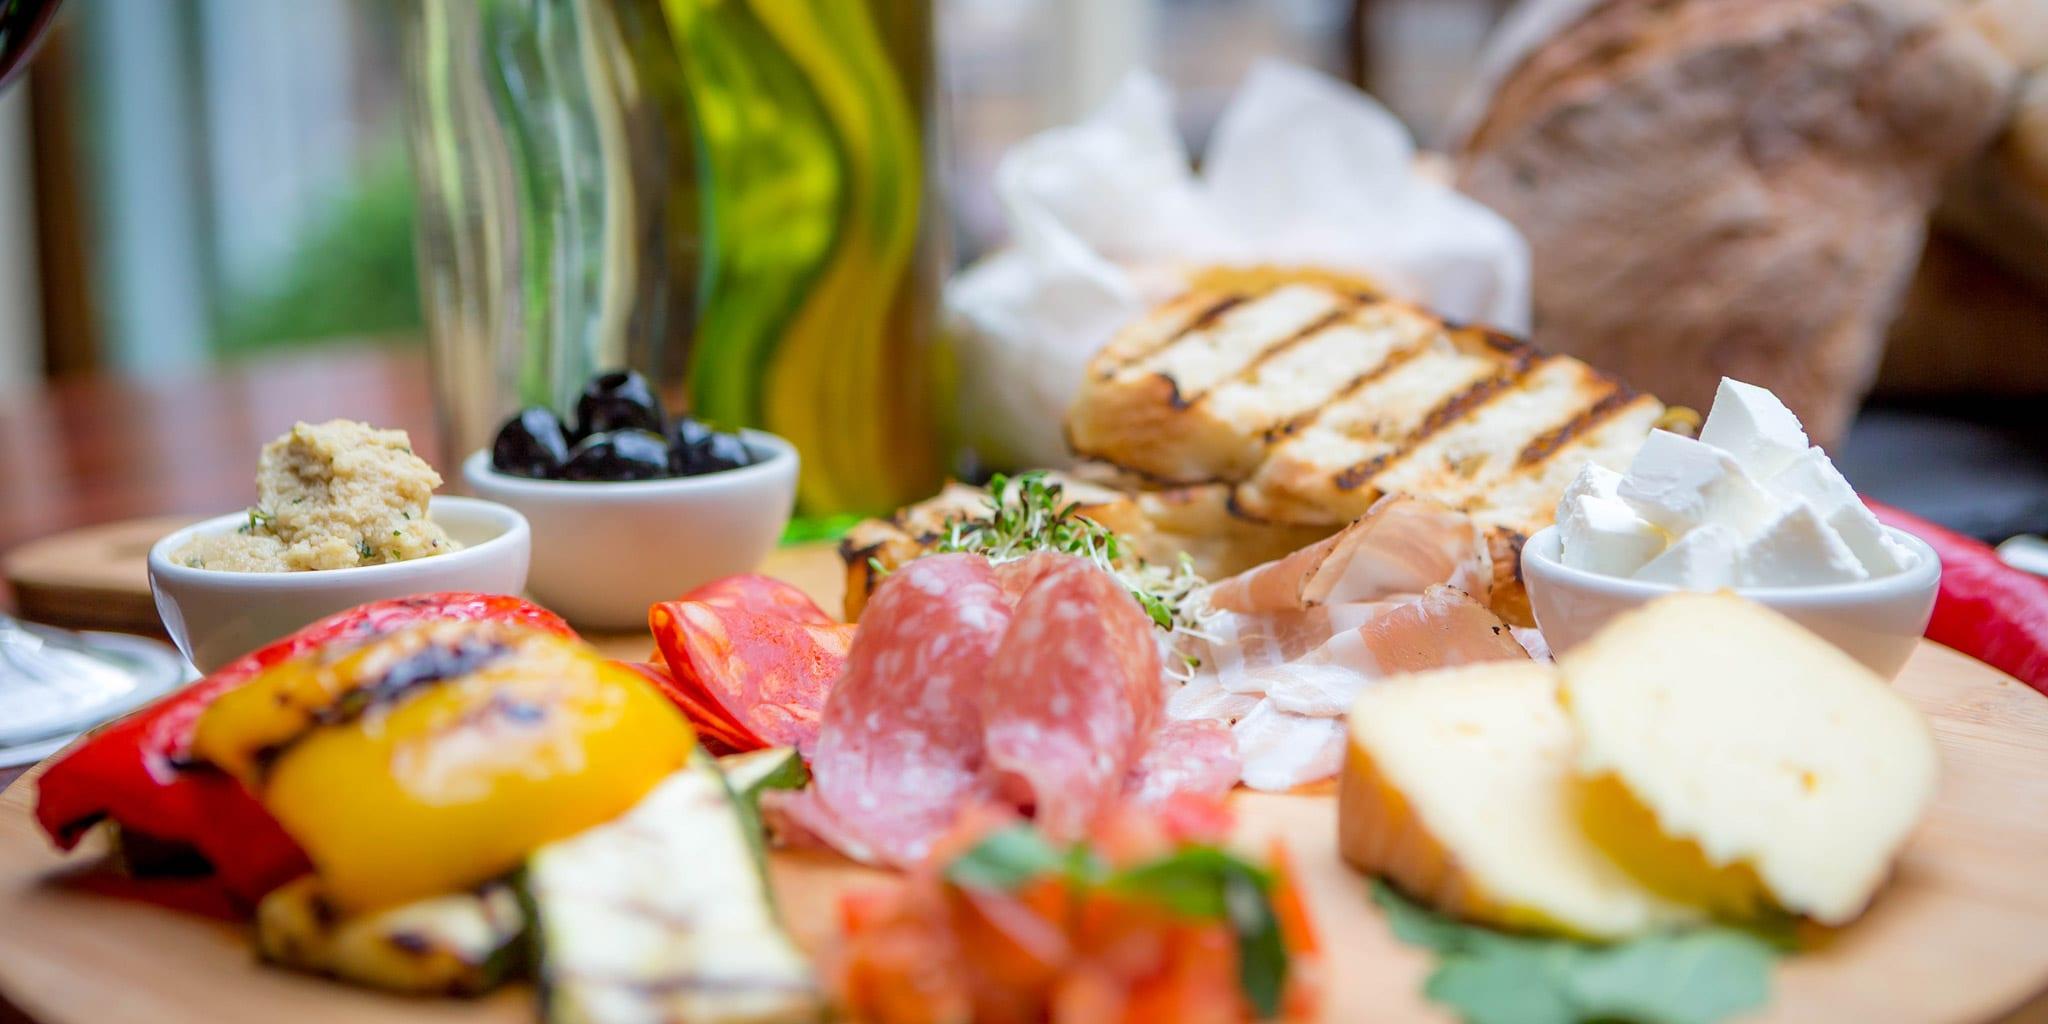 Vitality-Breakfast-Mez-Plate